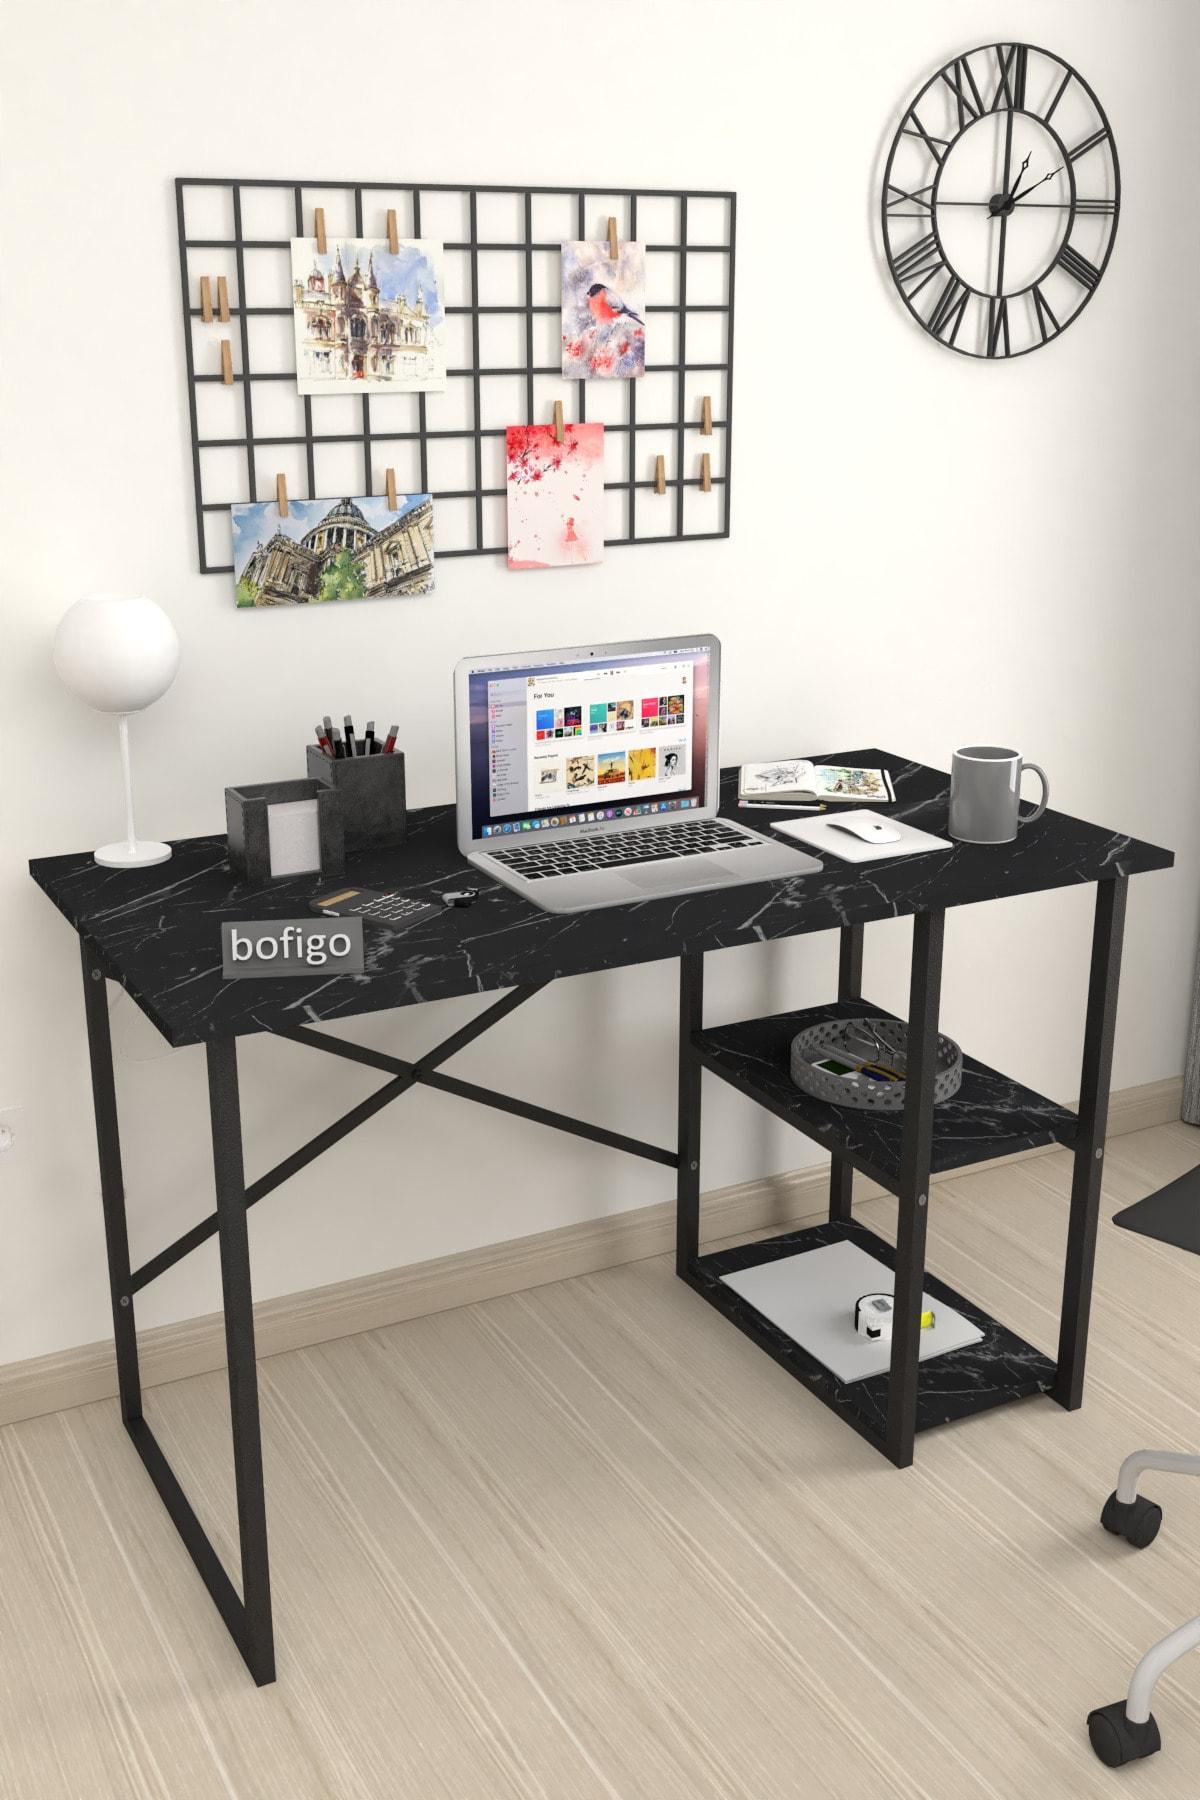 Bofigo 60x120 Cm 2 Raflı Çalışma Masası Bilgisayar Masası Ofis Ders Yemek Masası Bendir 1